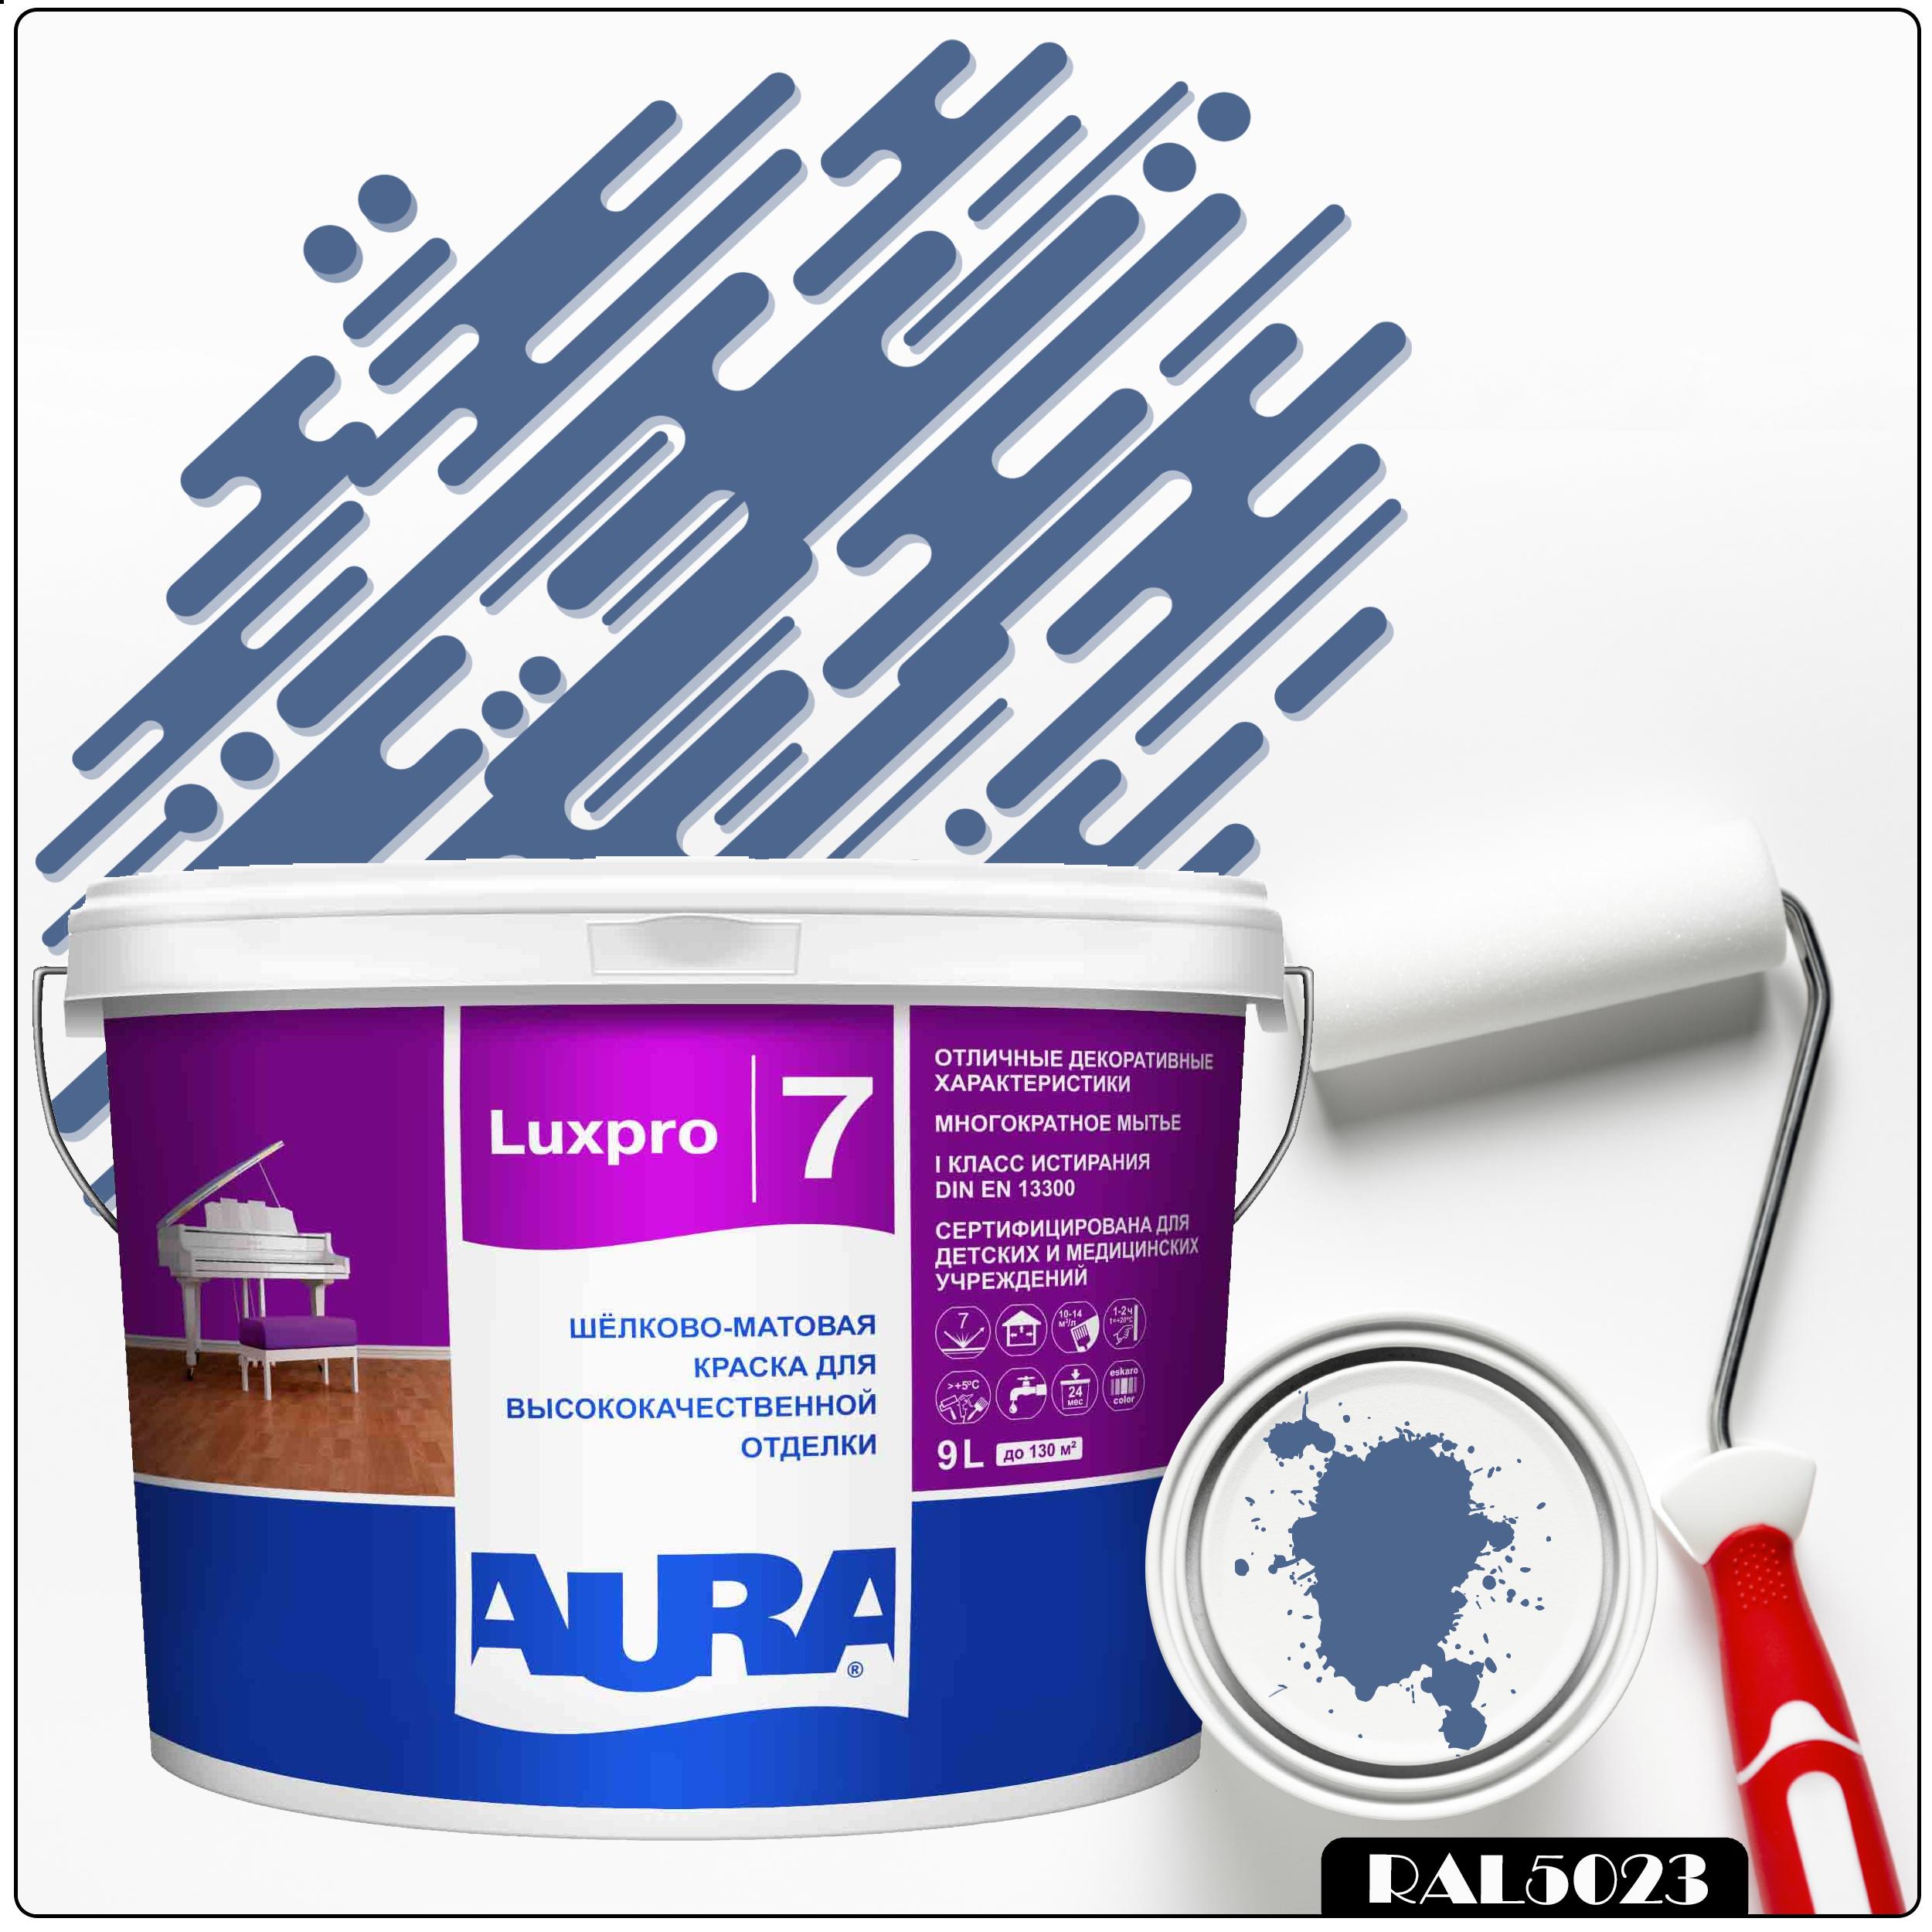 Фото 22 - Краска Aura LuxPRO 7, RAL 5023 Отдаленно-синий, латексная, шелково-матовая, интерьерная, 9л, Аура.